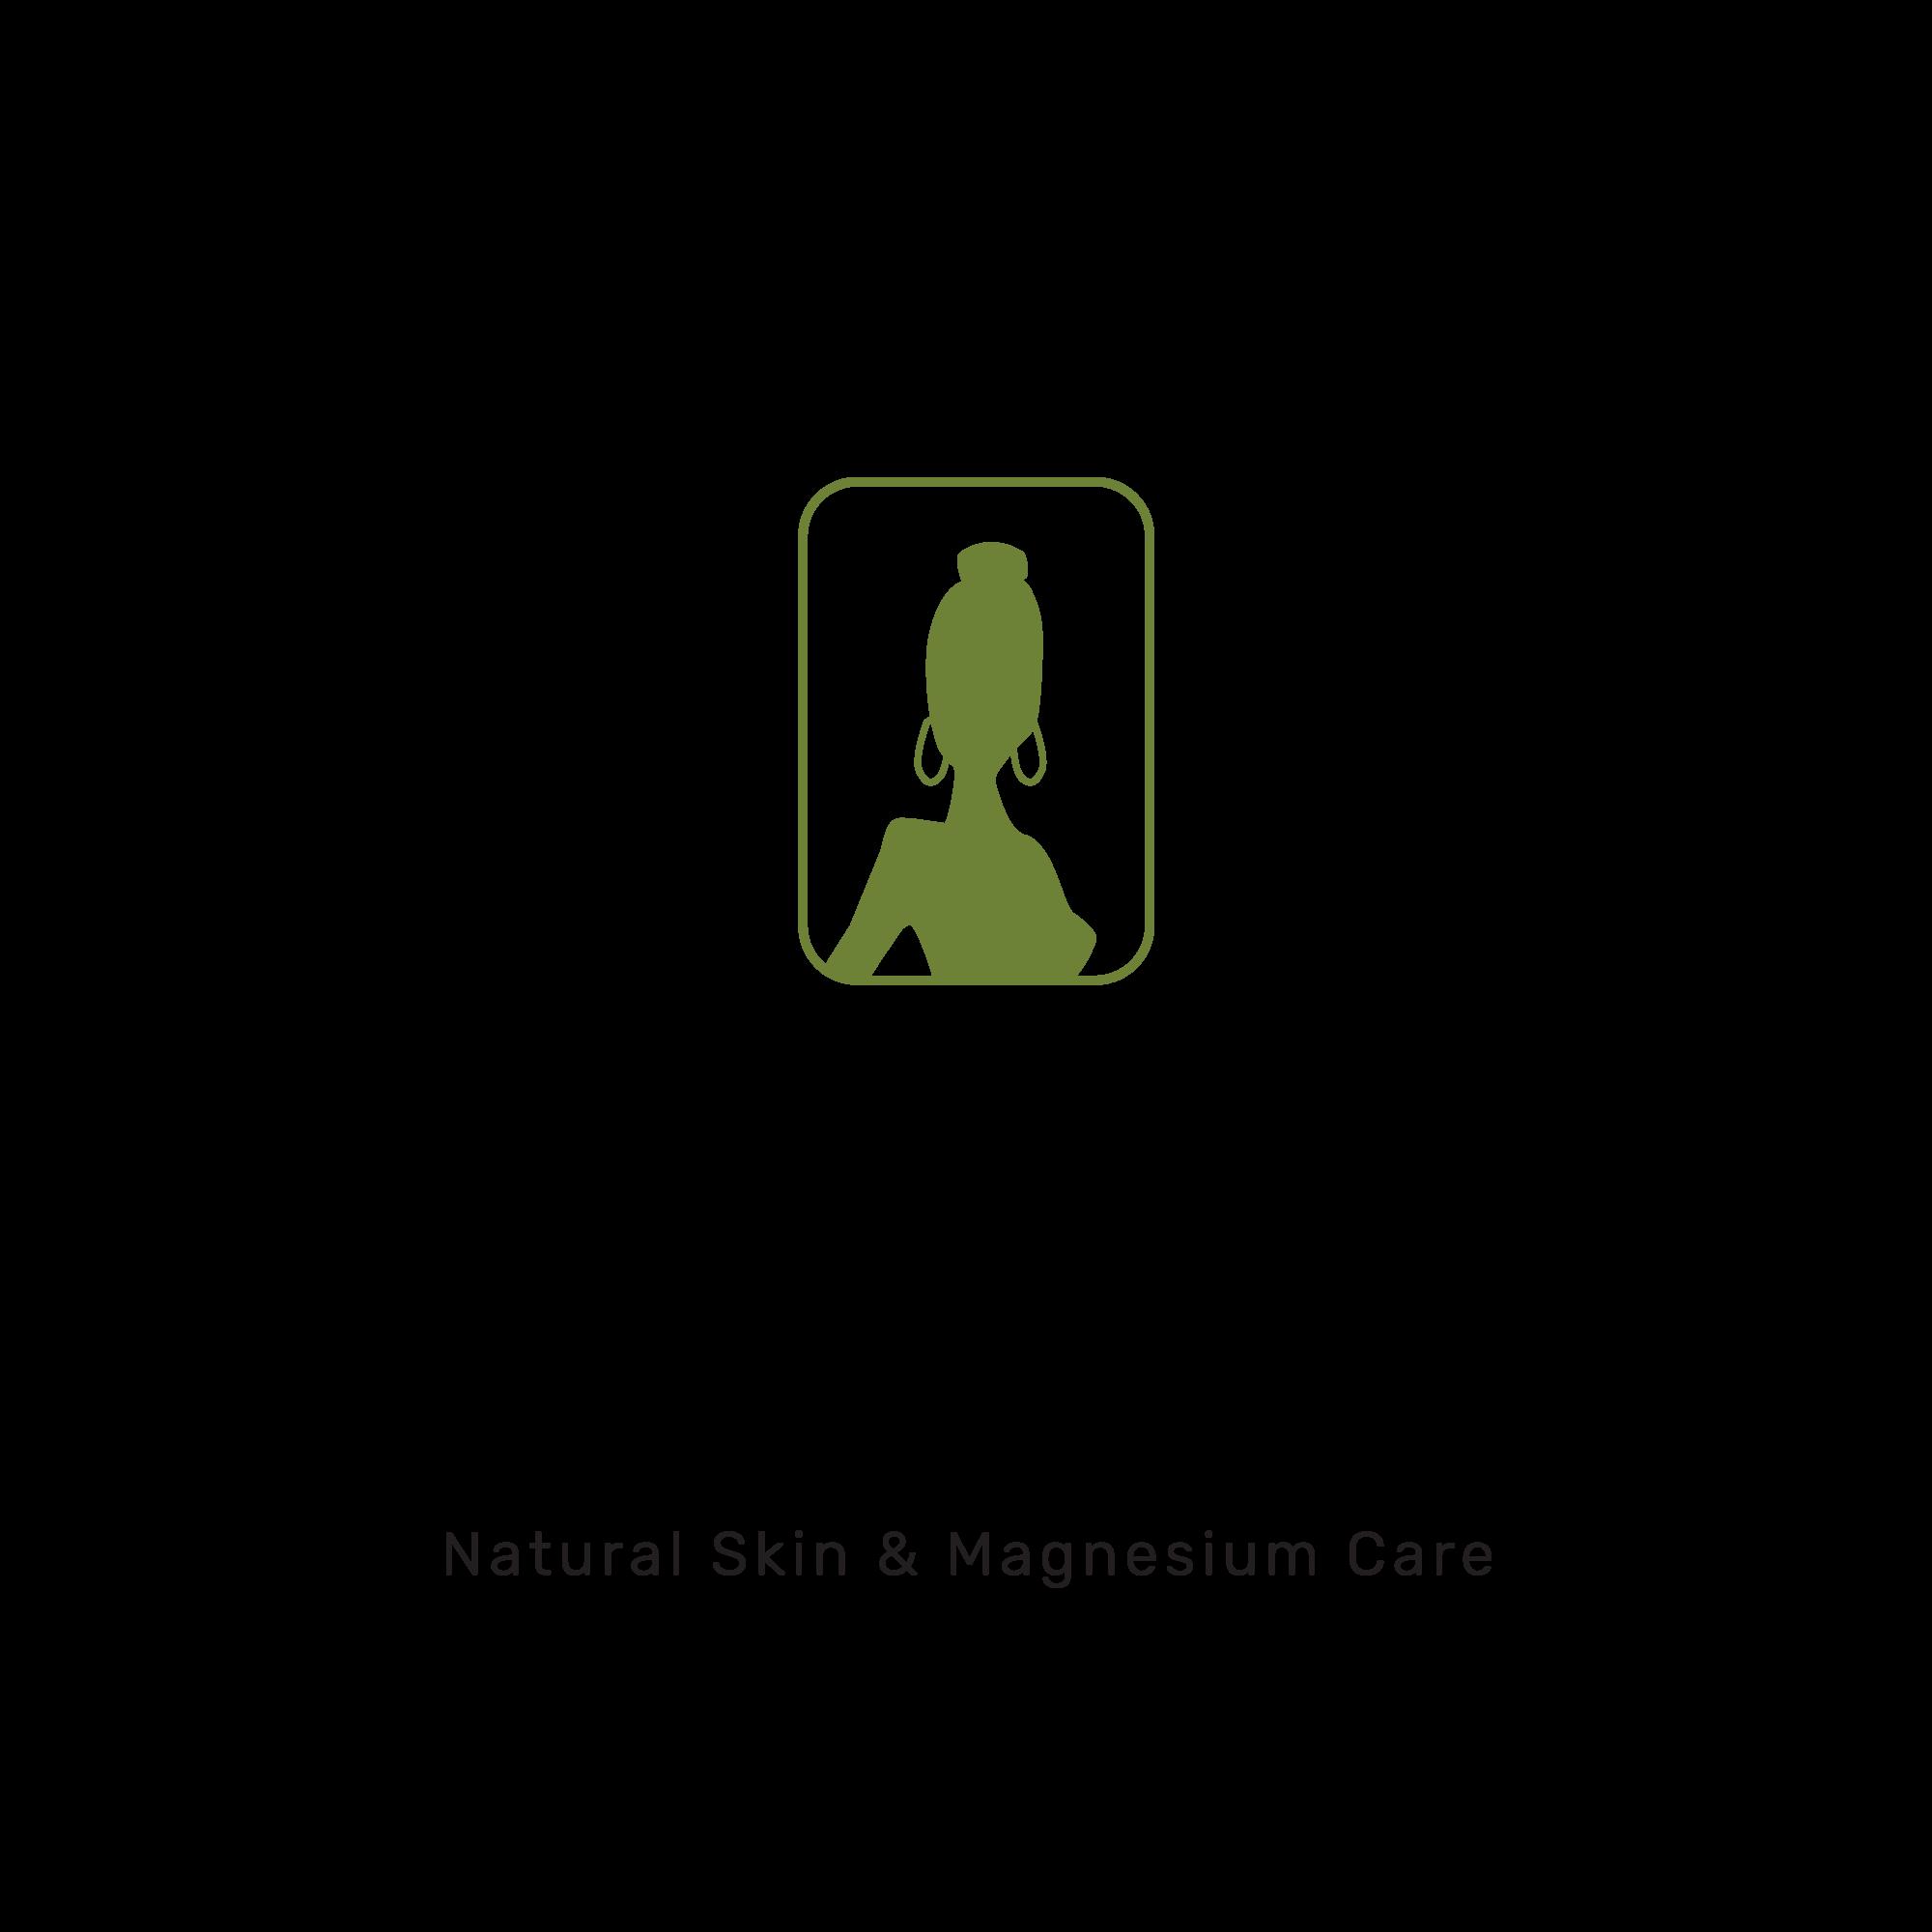 spajar magnesium & skincare